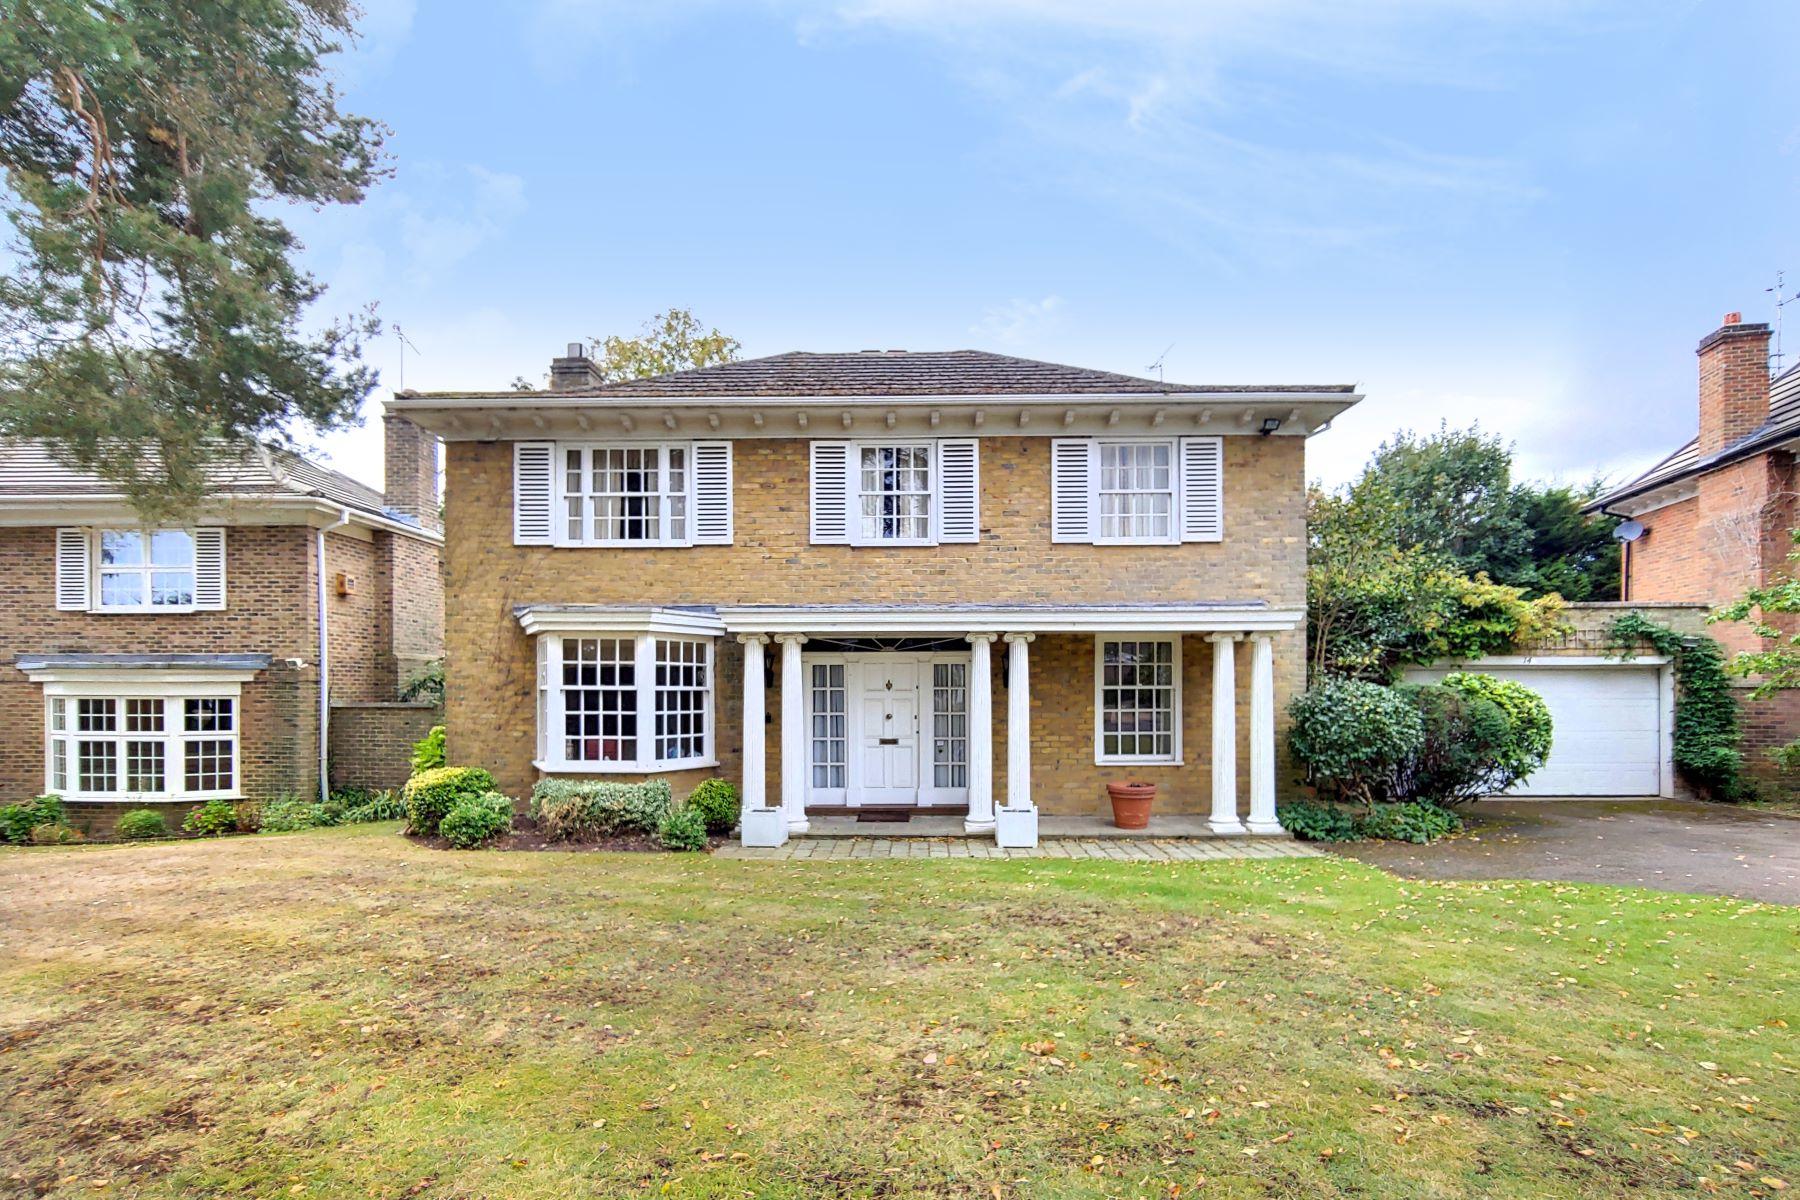 Single Family Homes for Sale at 14 Tudor Close Cobham, England KT11 2PH United Kingdom